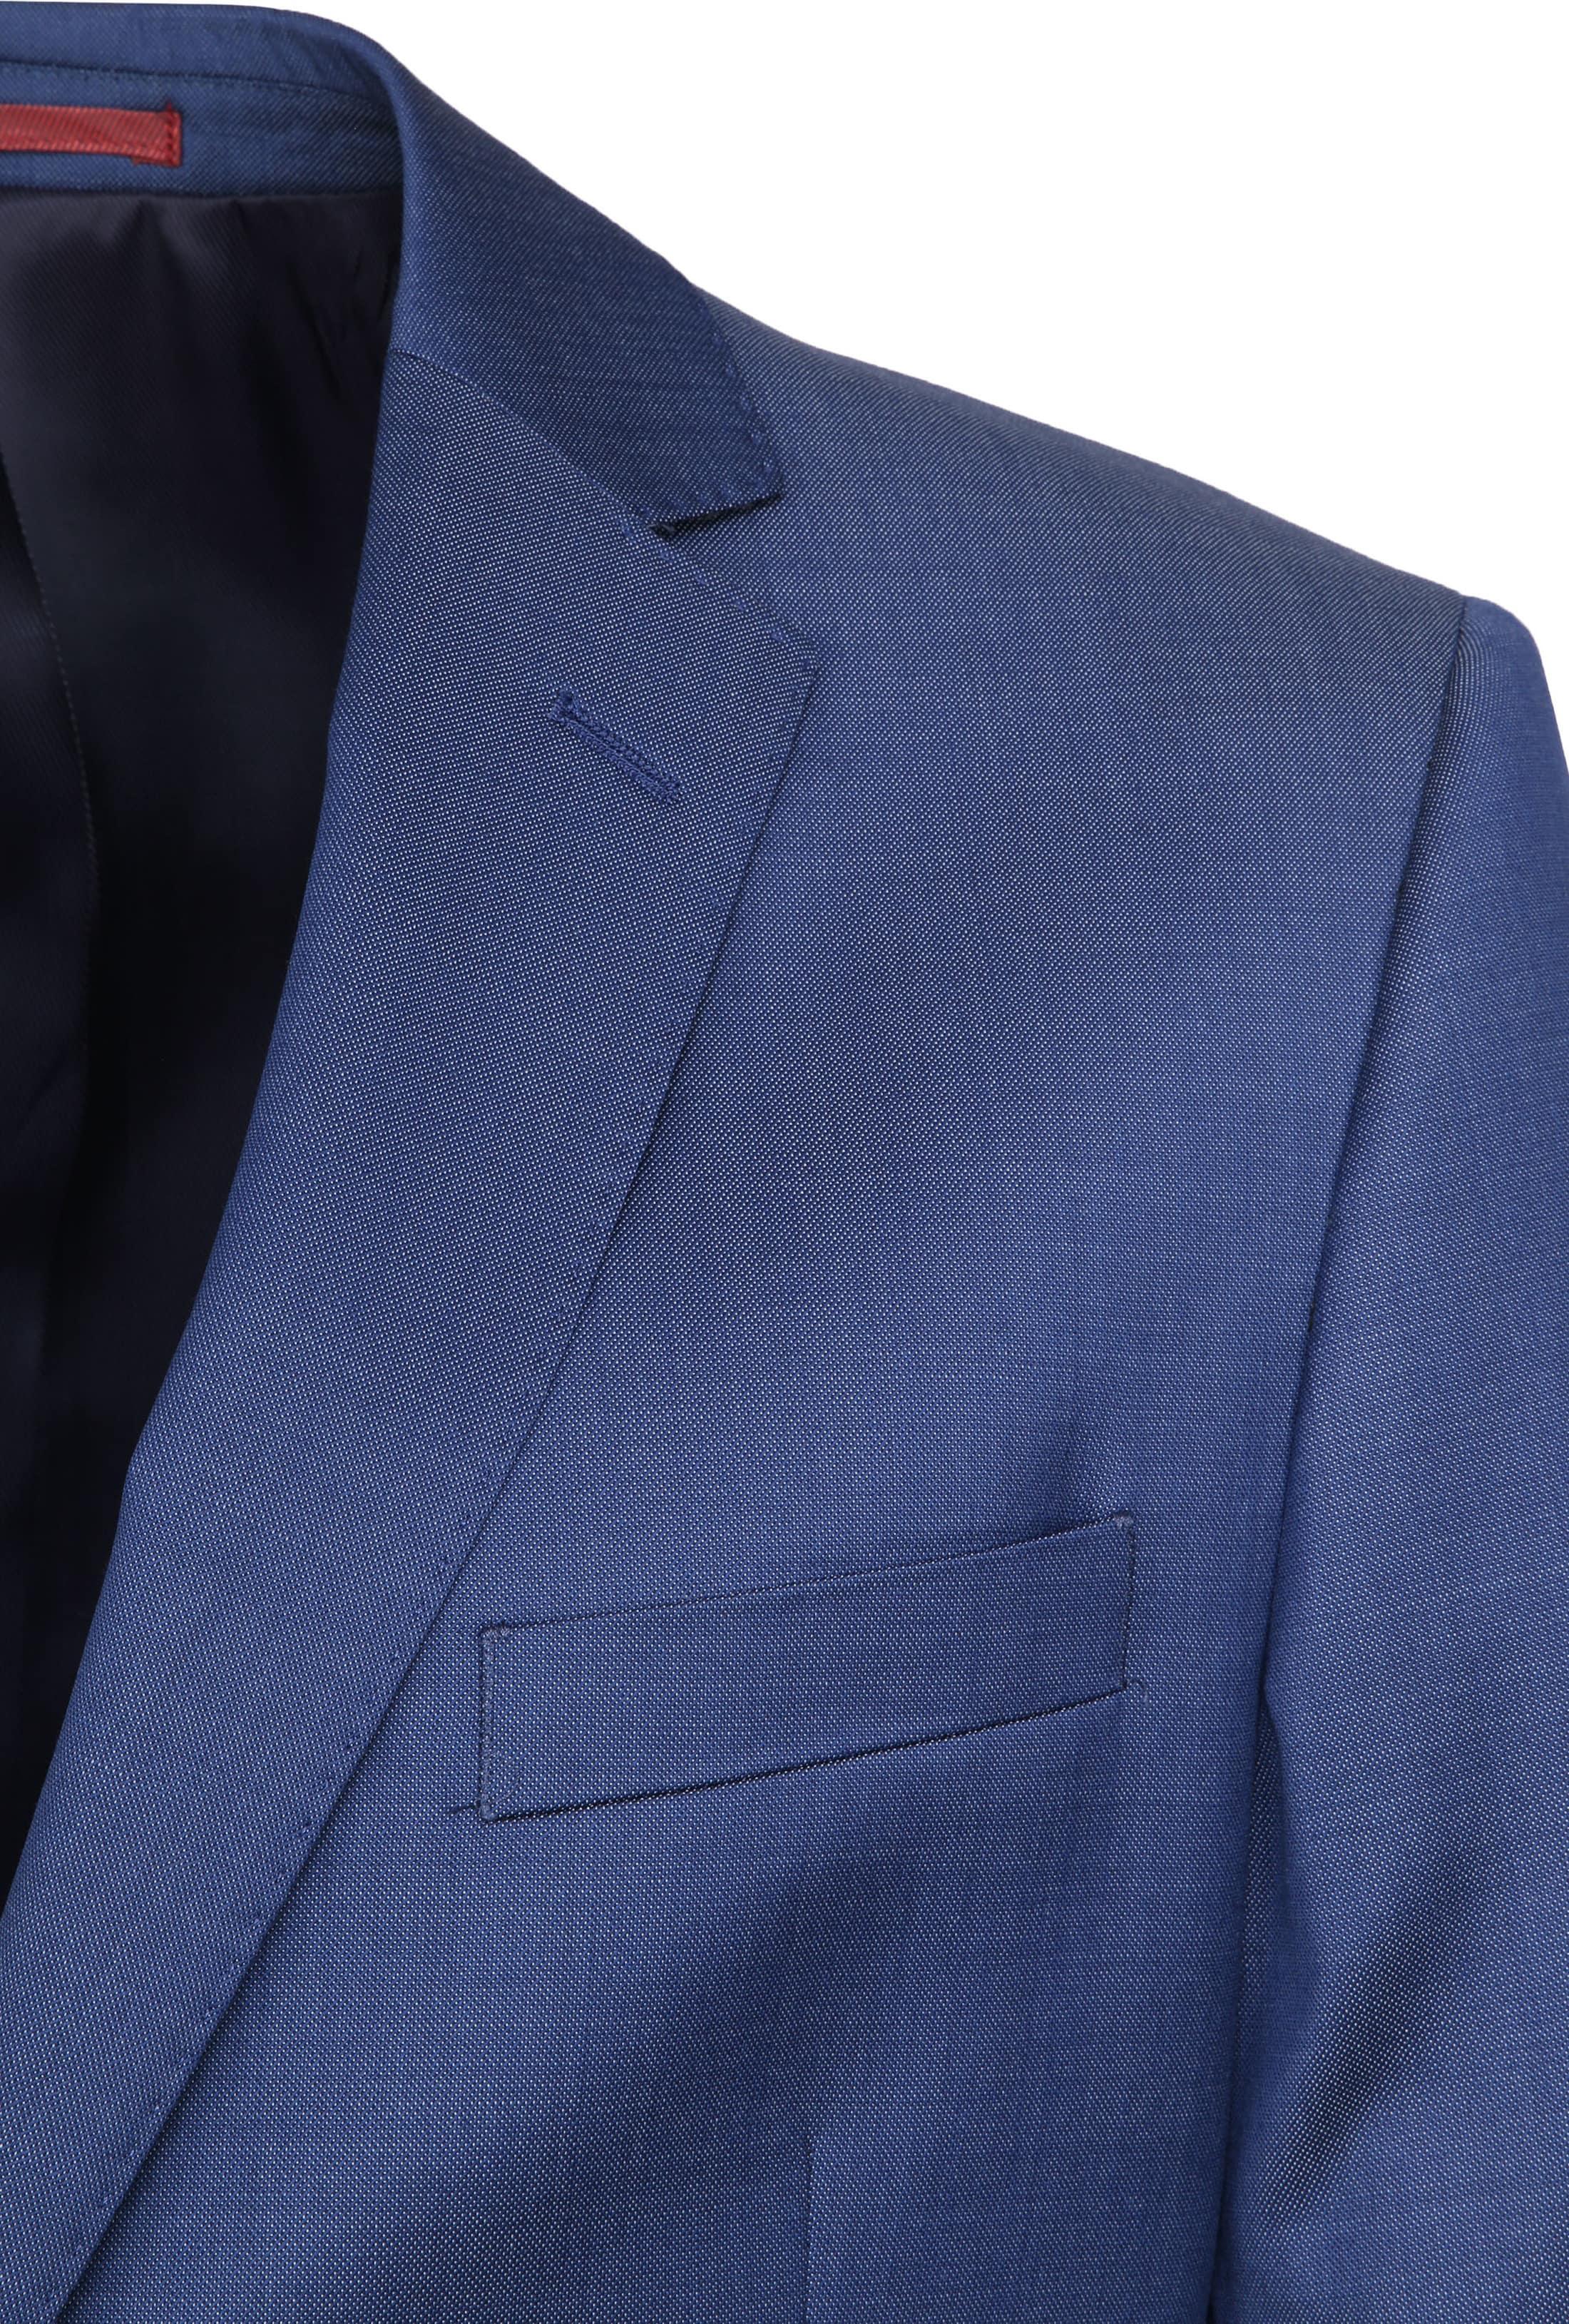 Suitable Anzug Lucius Lyon Blau foto 2